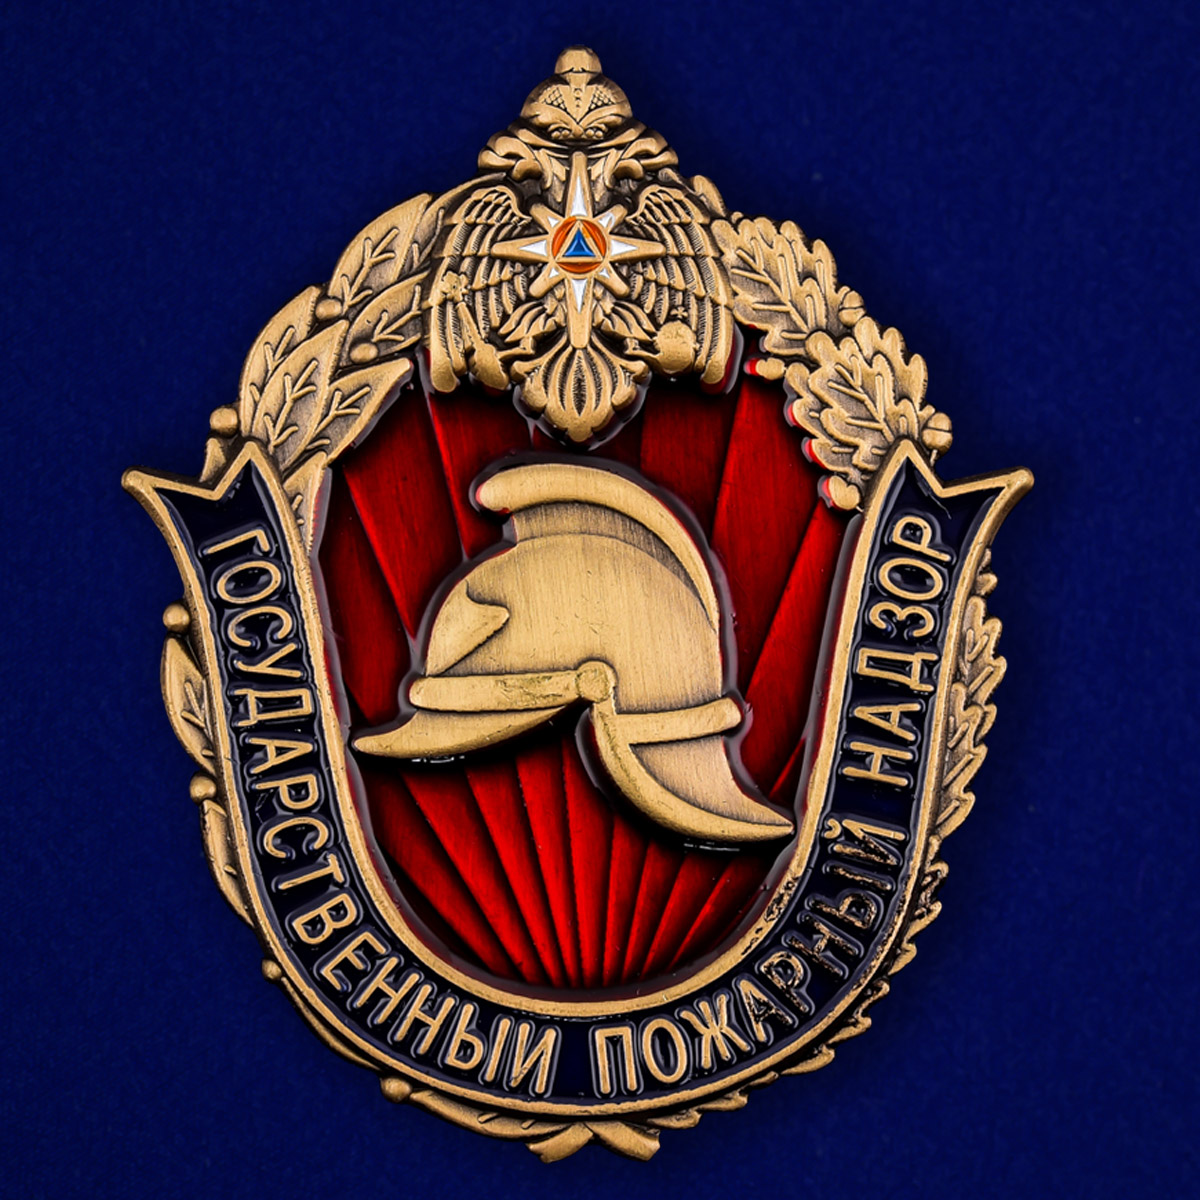 Жетон «Государственный Пожарный надзор МЧС России»-лицевая сторона